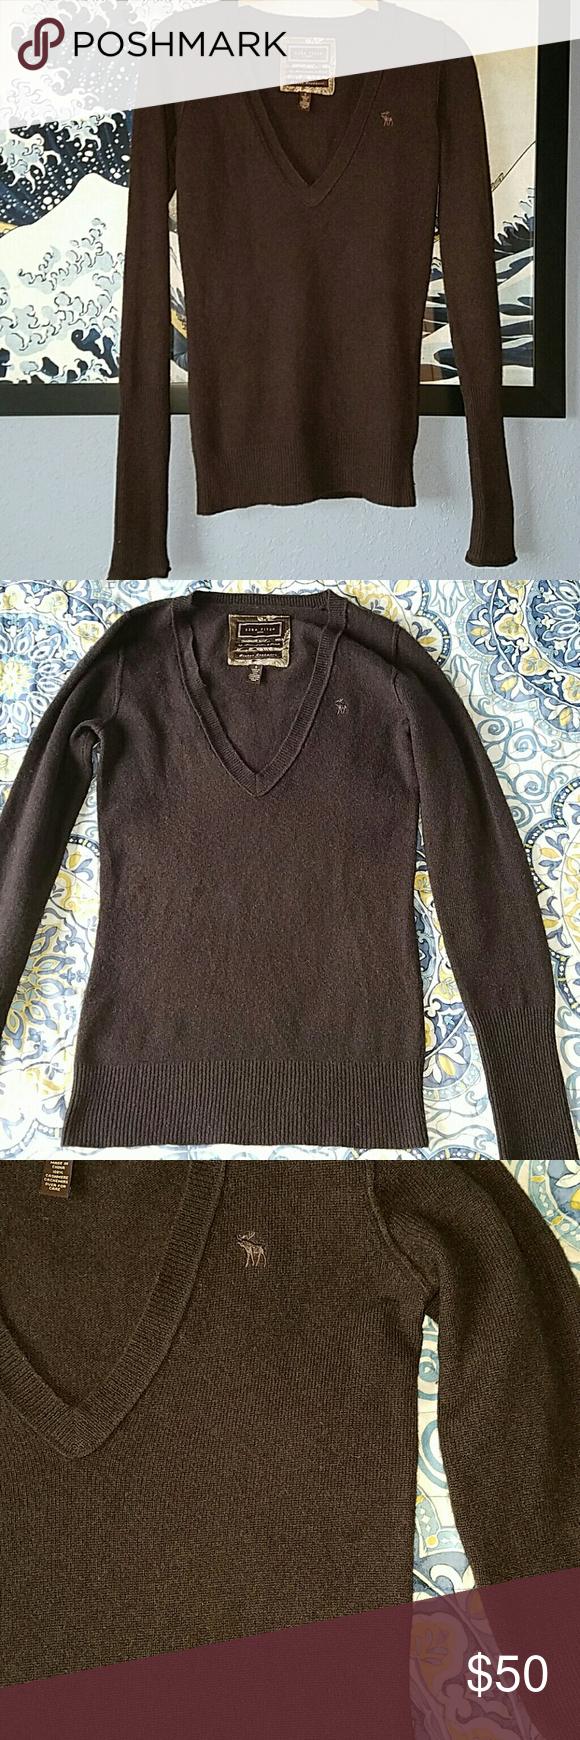 Ezra Fitch Cashmere deep v-neck sweater S | Cashmere, Cashmere ...